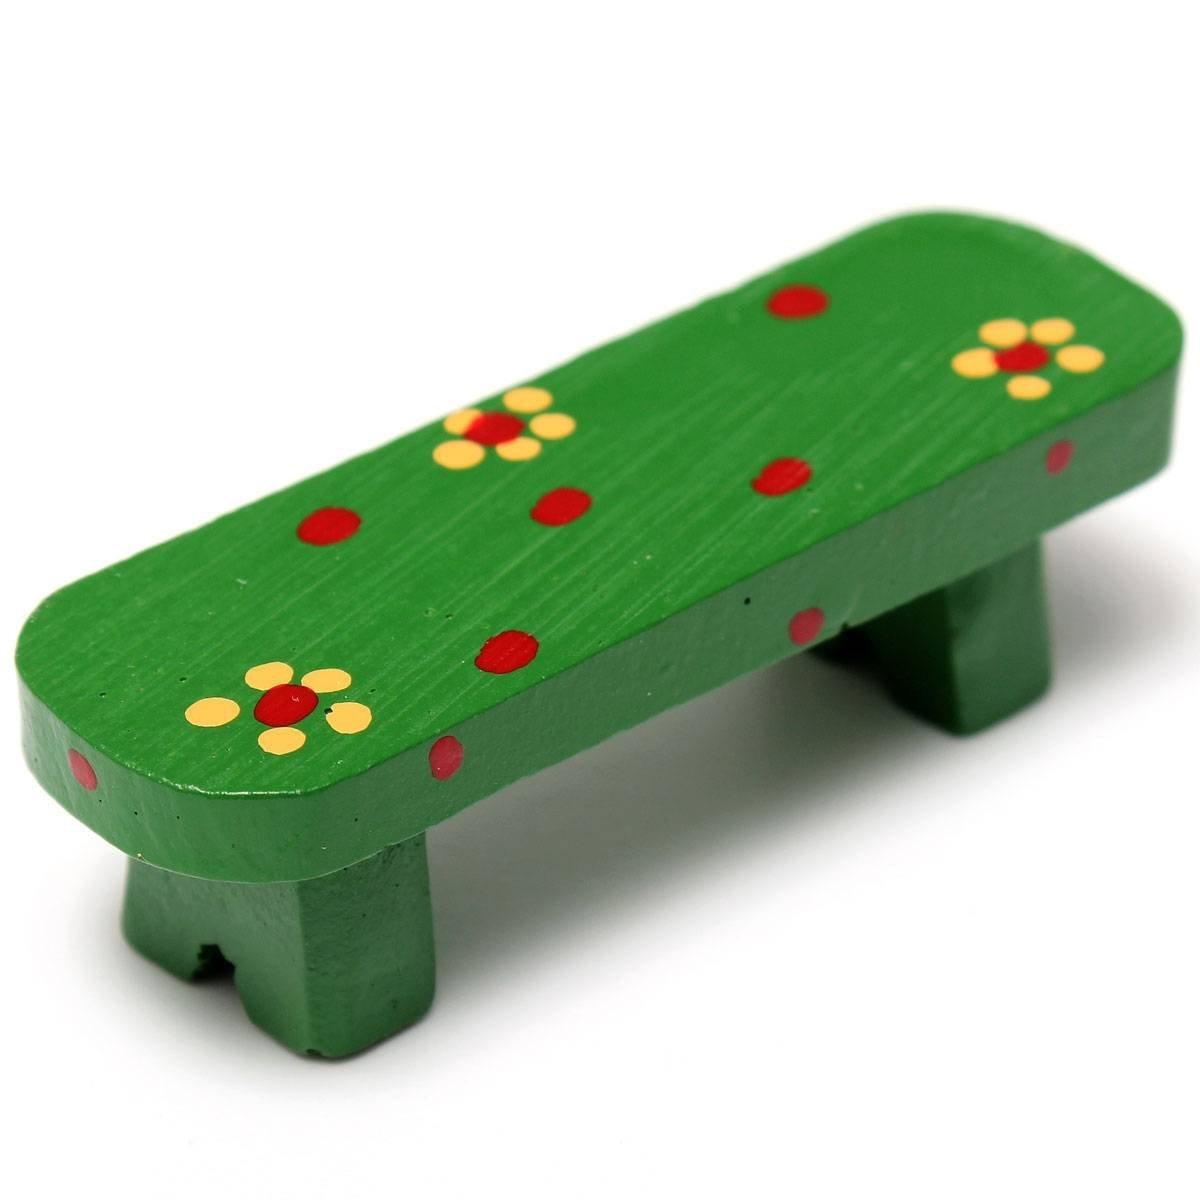 Hgho-миниатюрный Cute скамья микро пейзаж кукольный завод DIY Craft домашний садовый декор, орнамент зеленый